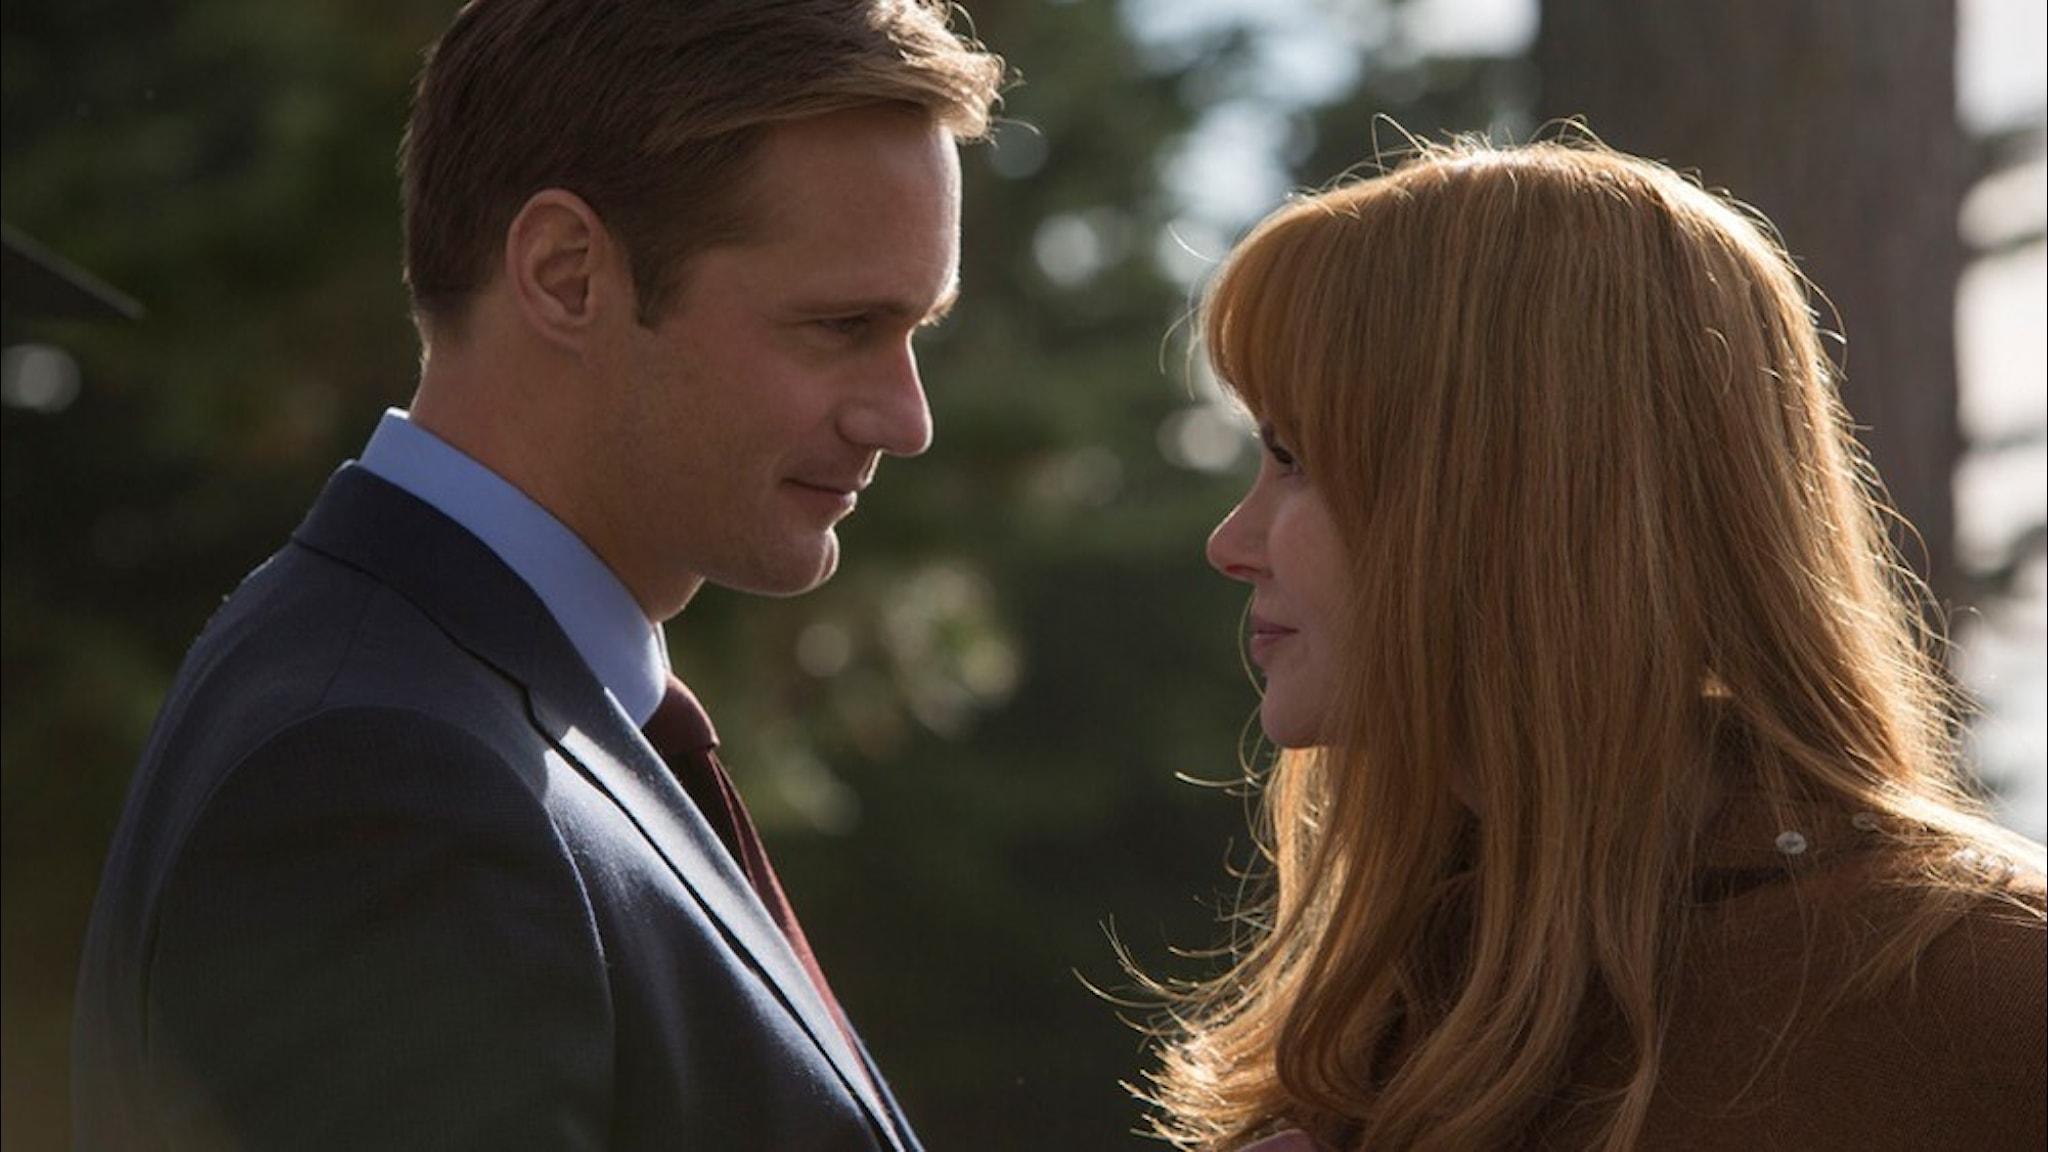 """Skådespelarna Alexander Skarsgård och Nicole Kidman i tv-serien """"Big little lies"""" står nära varandra och tittar in i varandras ögon."""